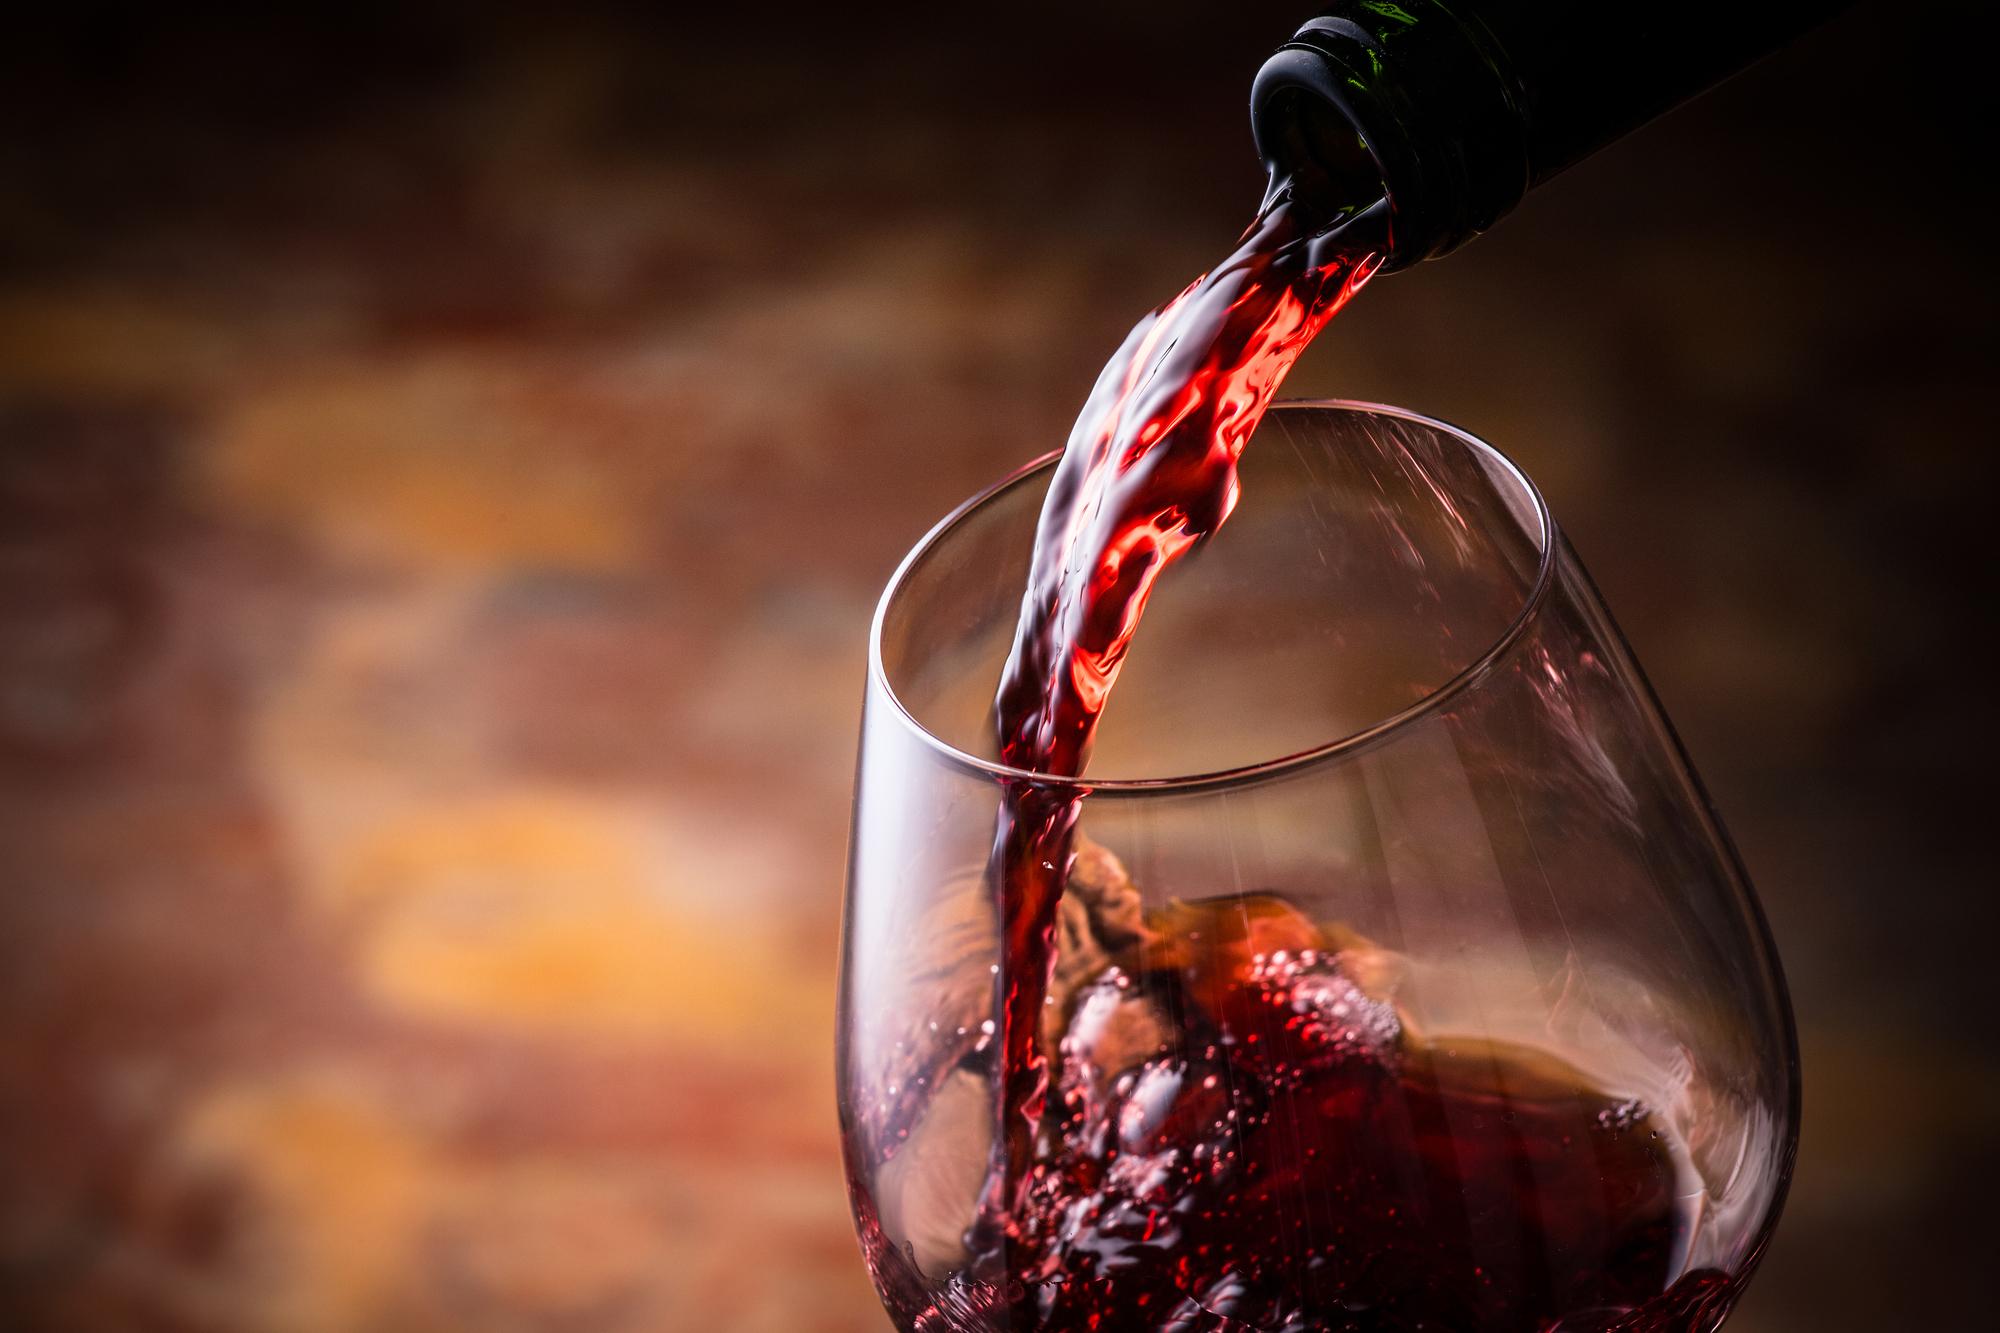 赤ワインをグラスに注いでる風景